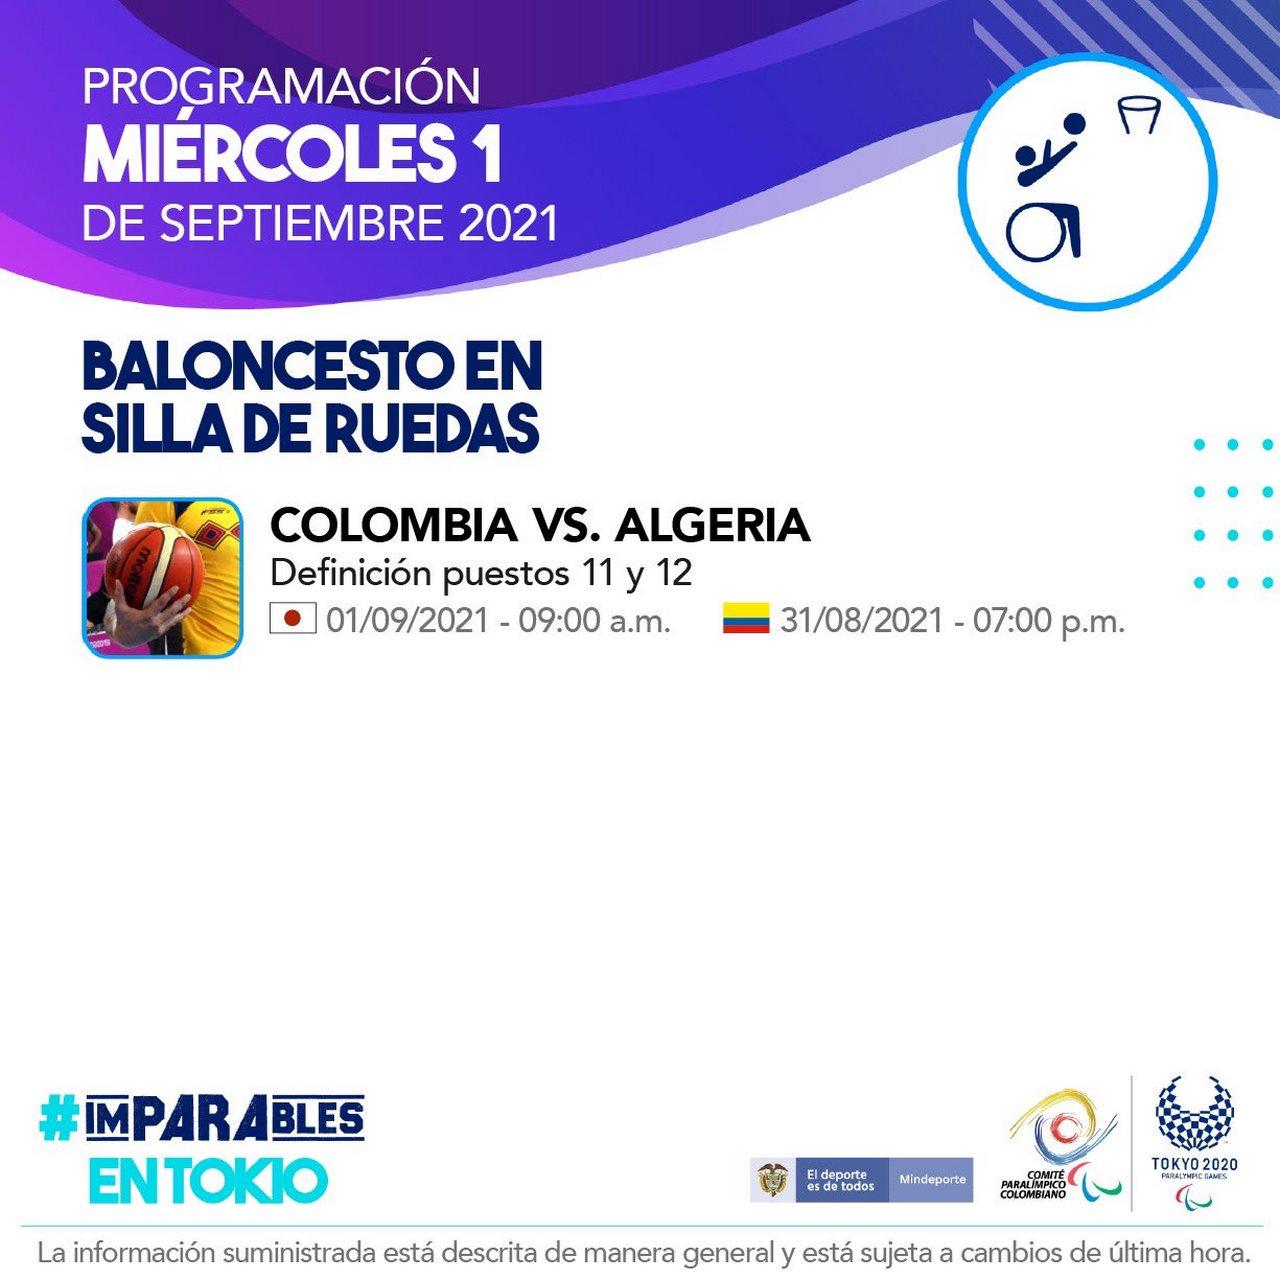 Programacion deportistas colombianos en la octava jornada de los Juegos Paralimpicos 6